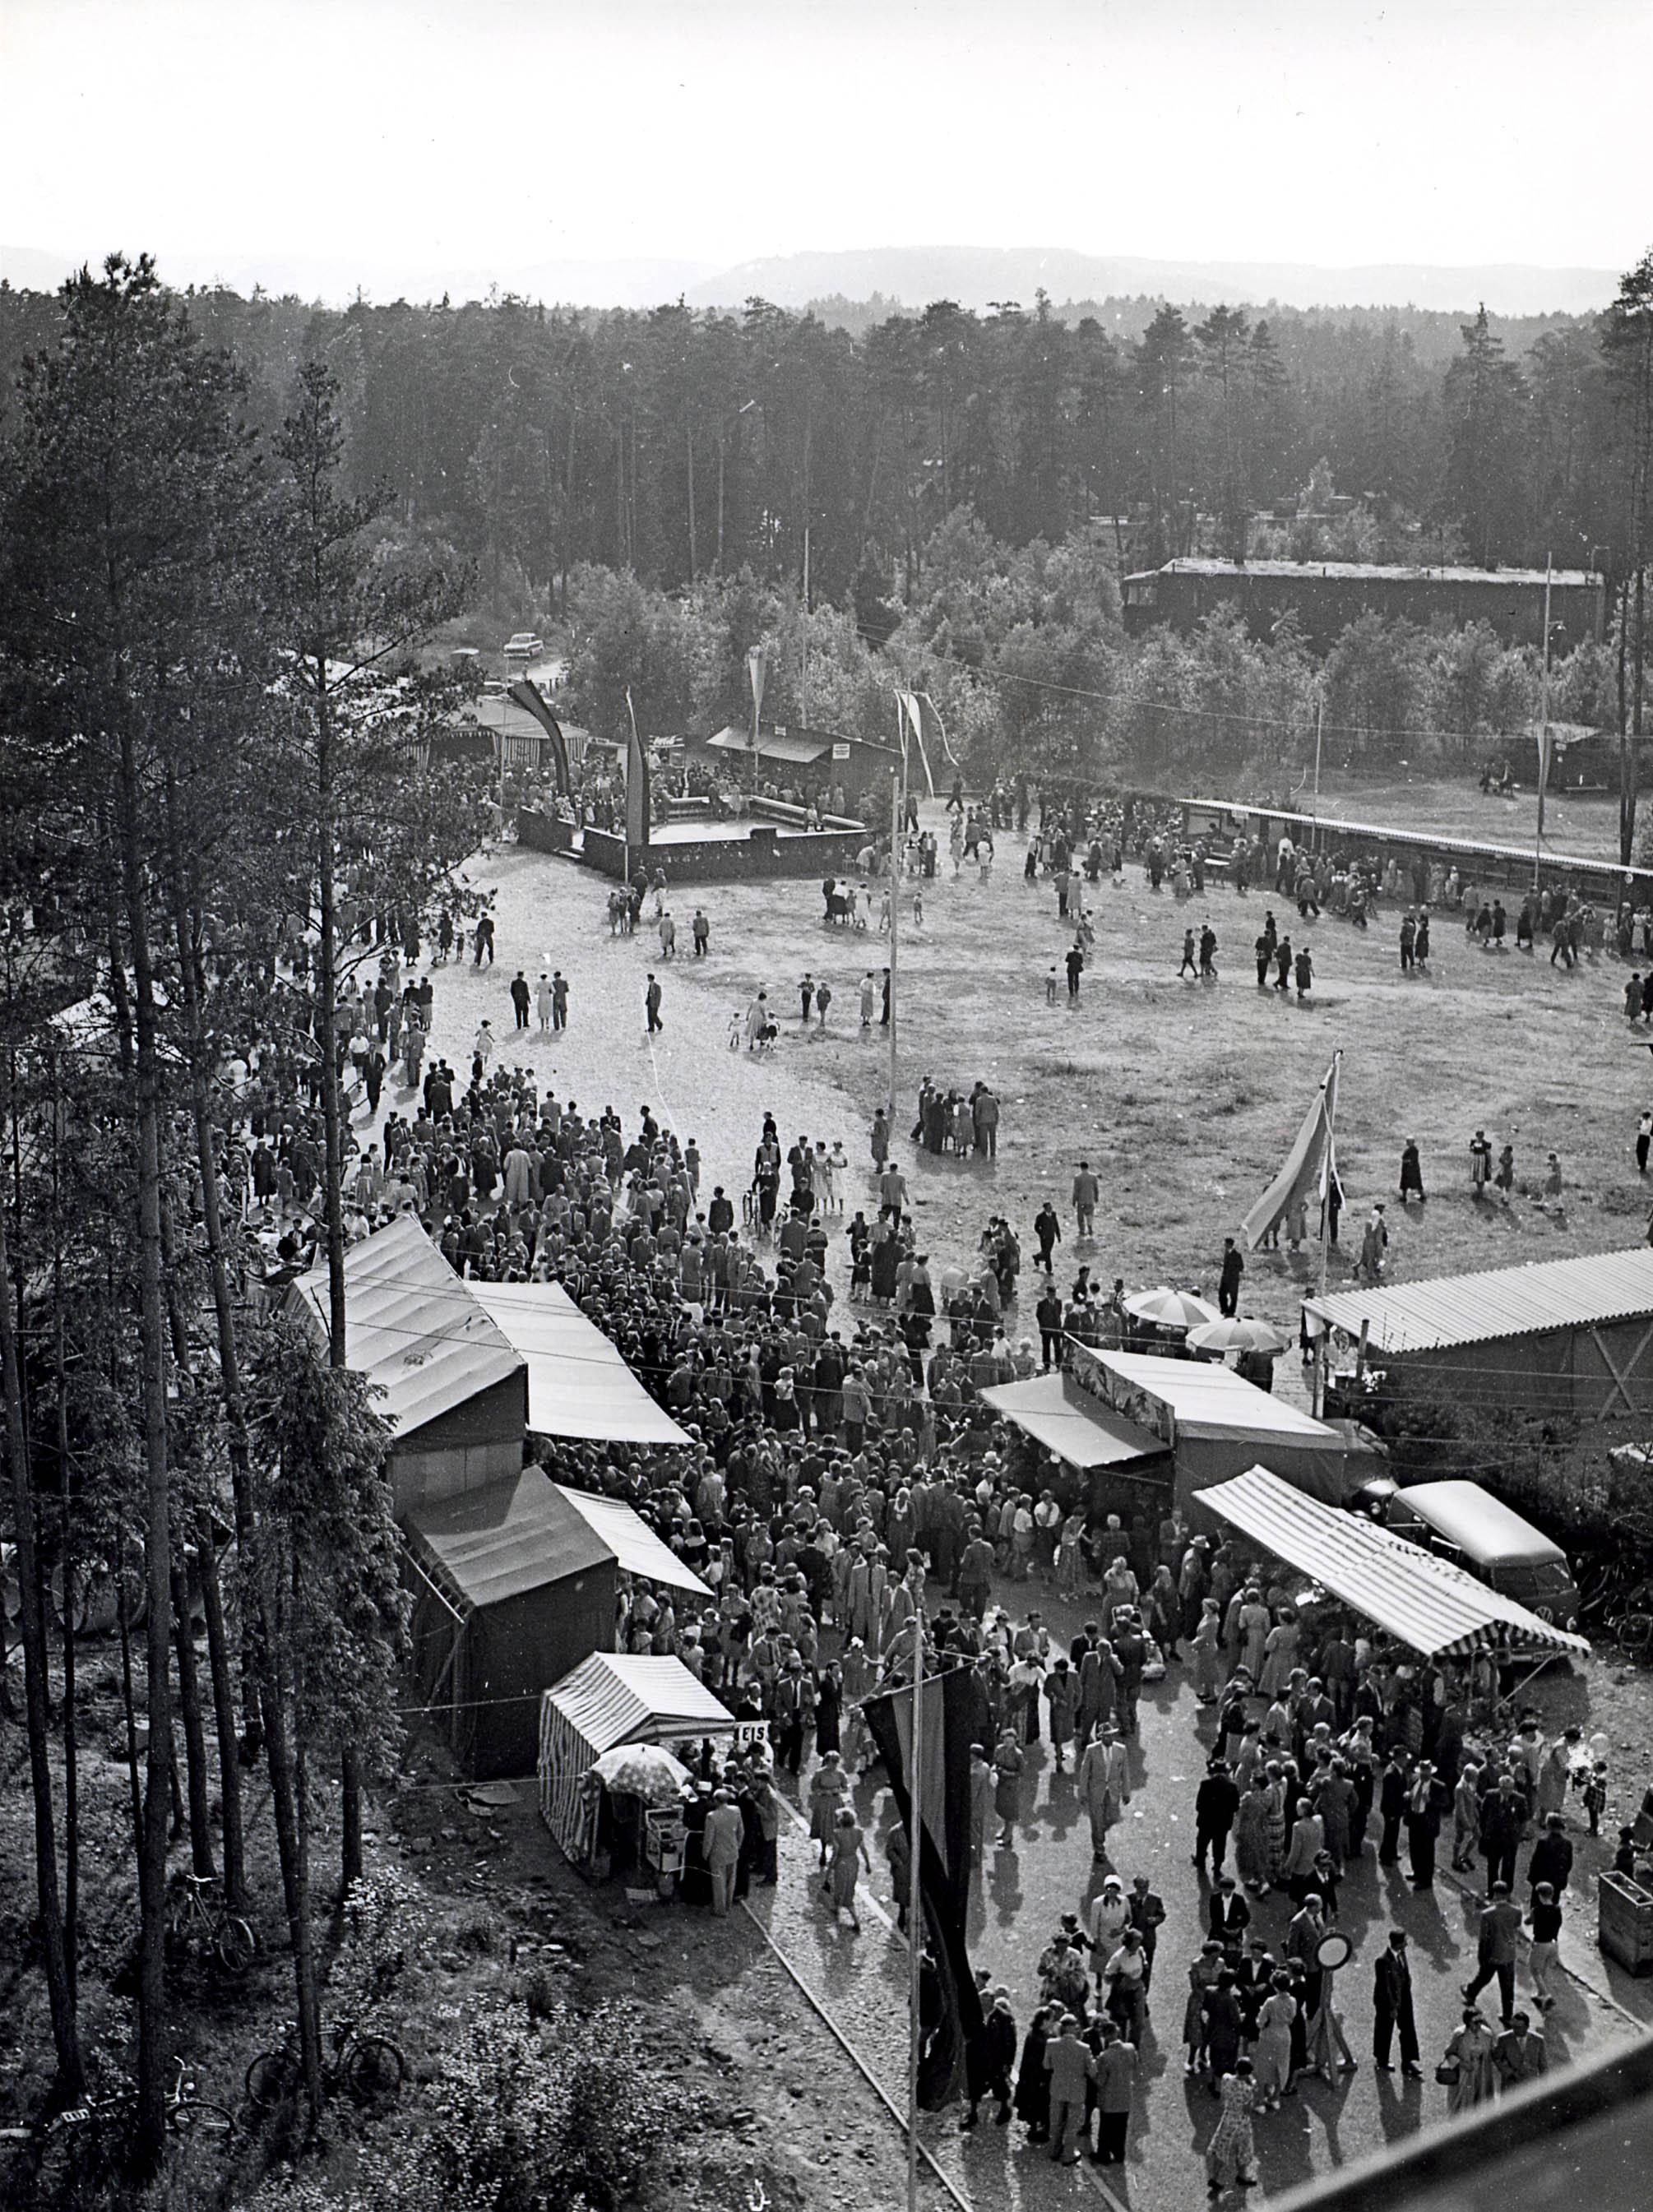 Foto des Vorläufer des Volksfestes 1955, Menschen feiern in Waldkraiburg